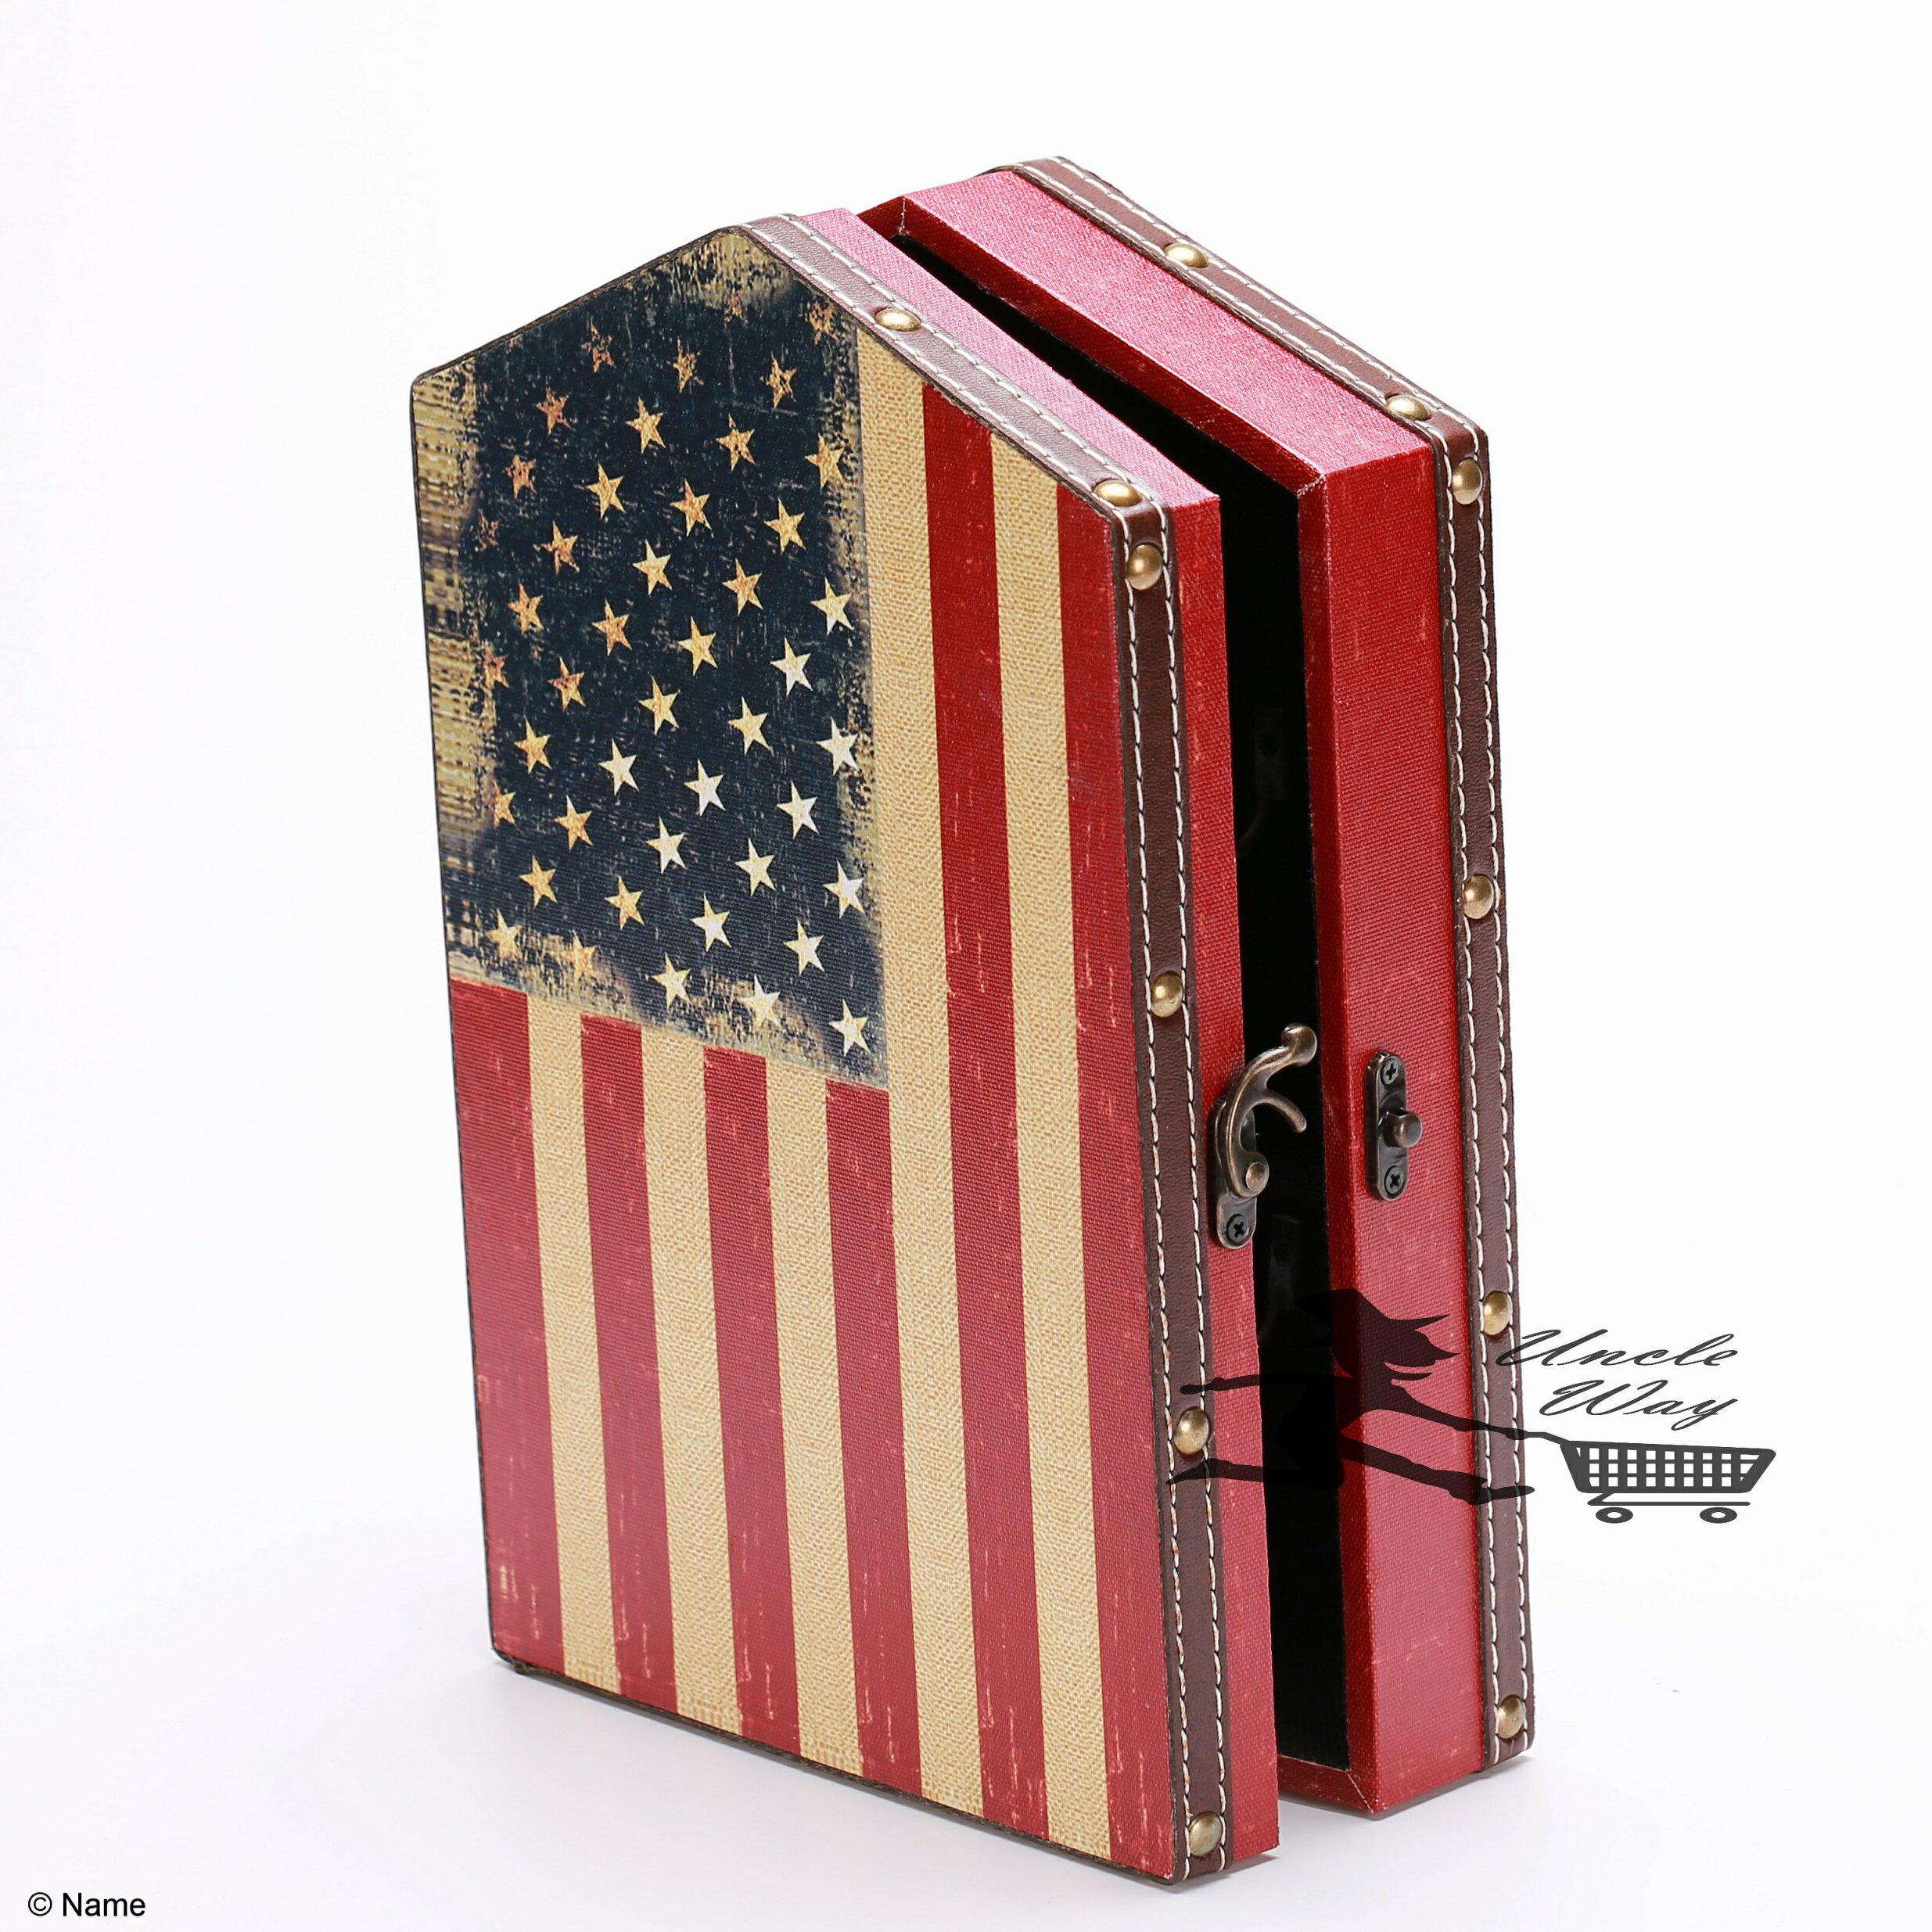 [Uncle way 百貨城堡] 英倫風木質鑰匙盒 美國旗 雜物鑰匙箱 遮擋箱 居家裝飾 ZAKKA 壁掛 居家裝飾